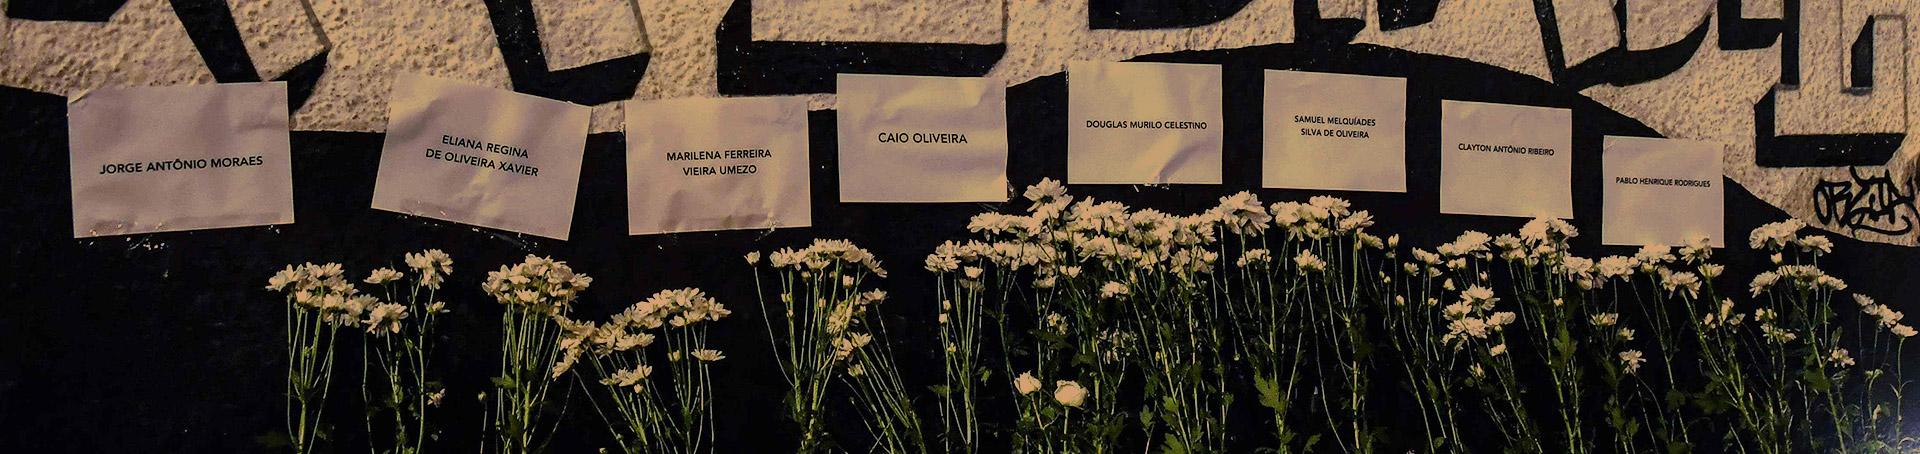 Parede com flores e nomes das vítimas